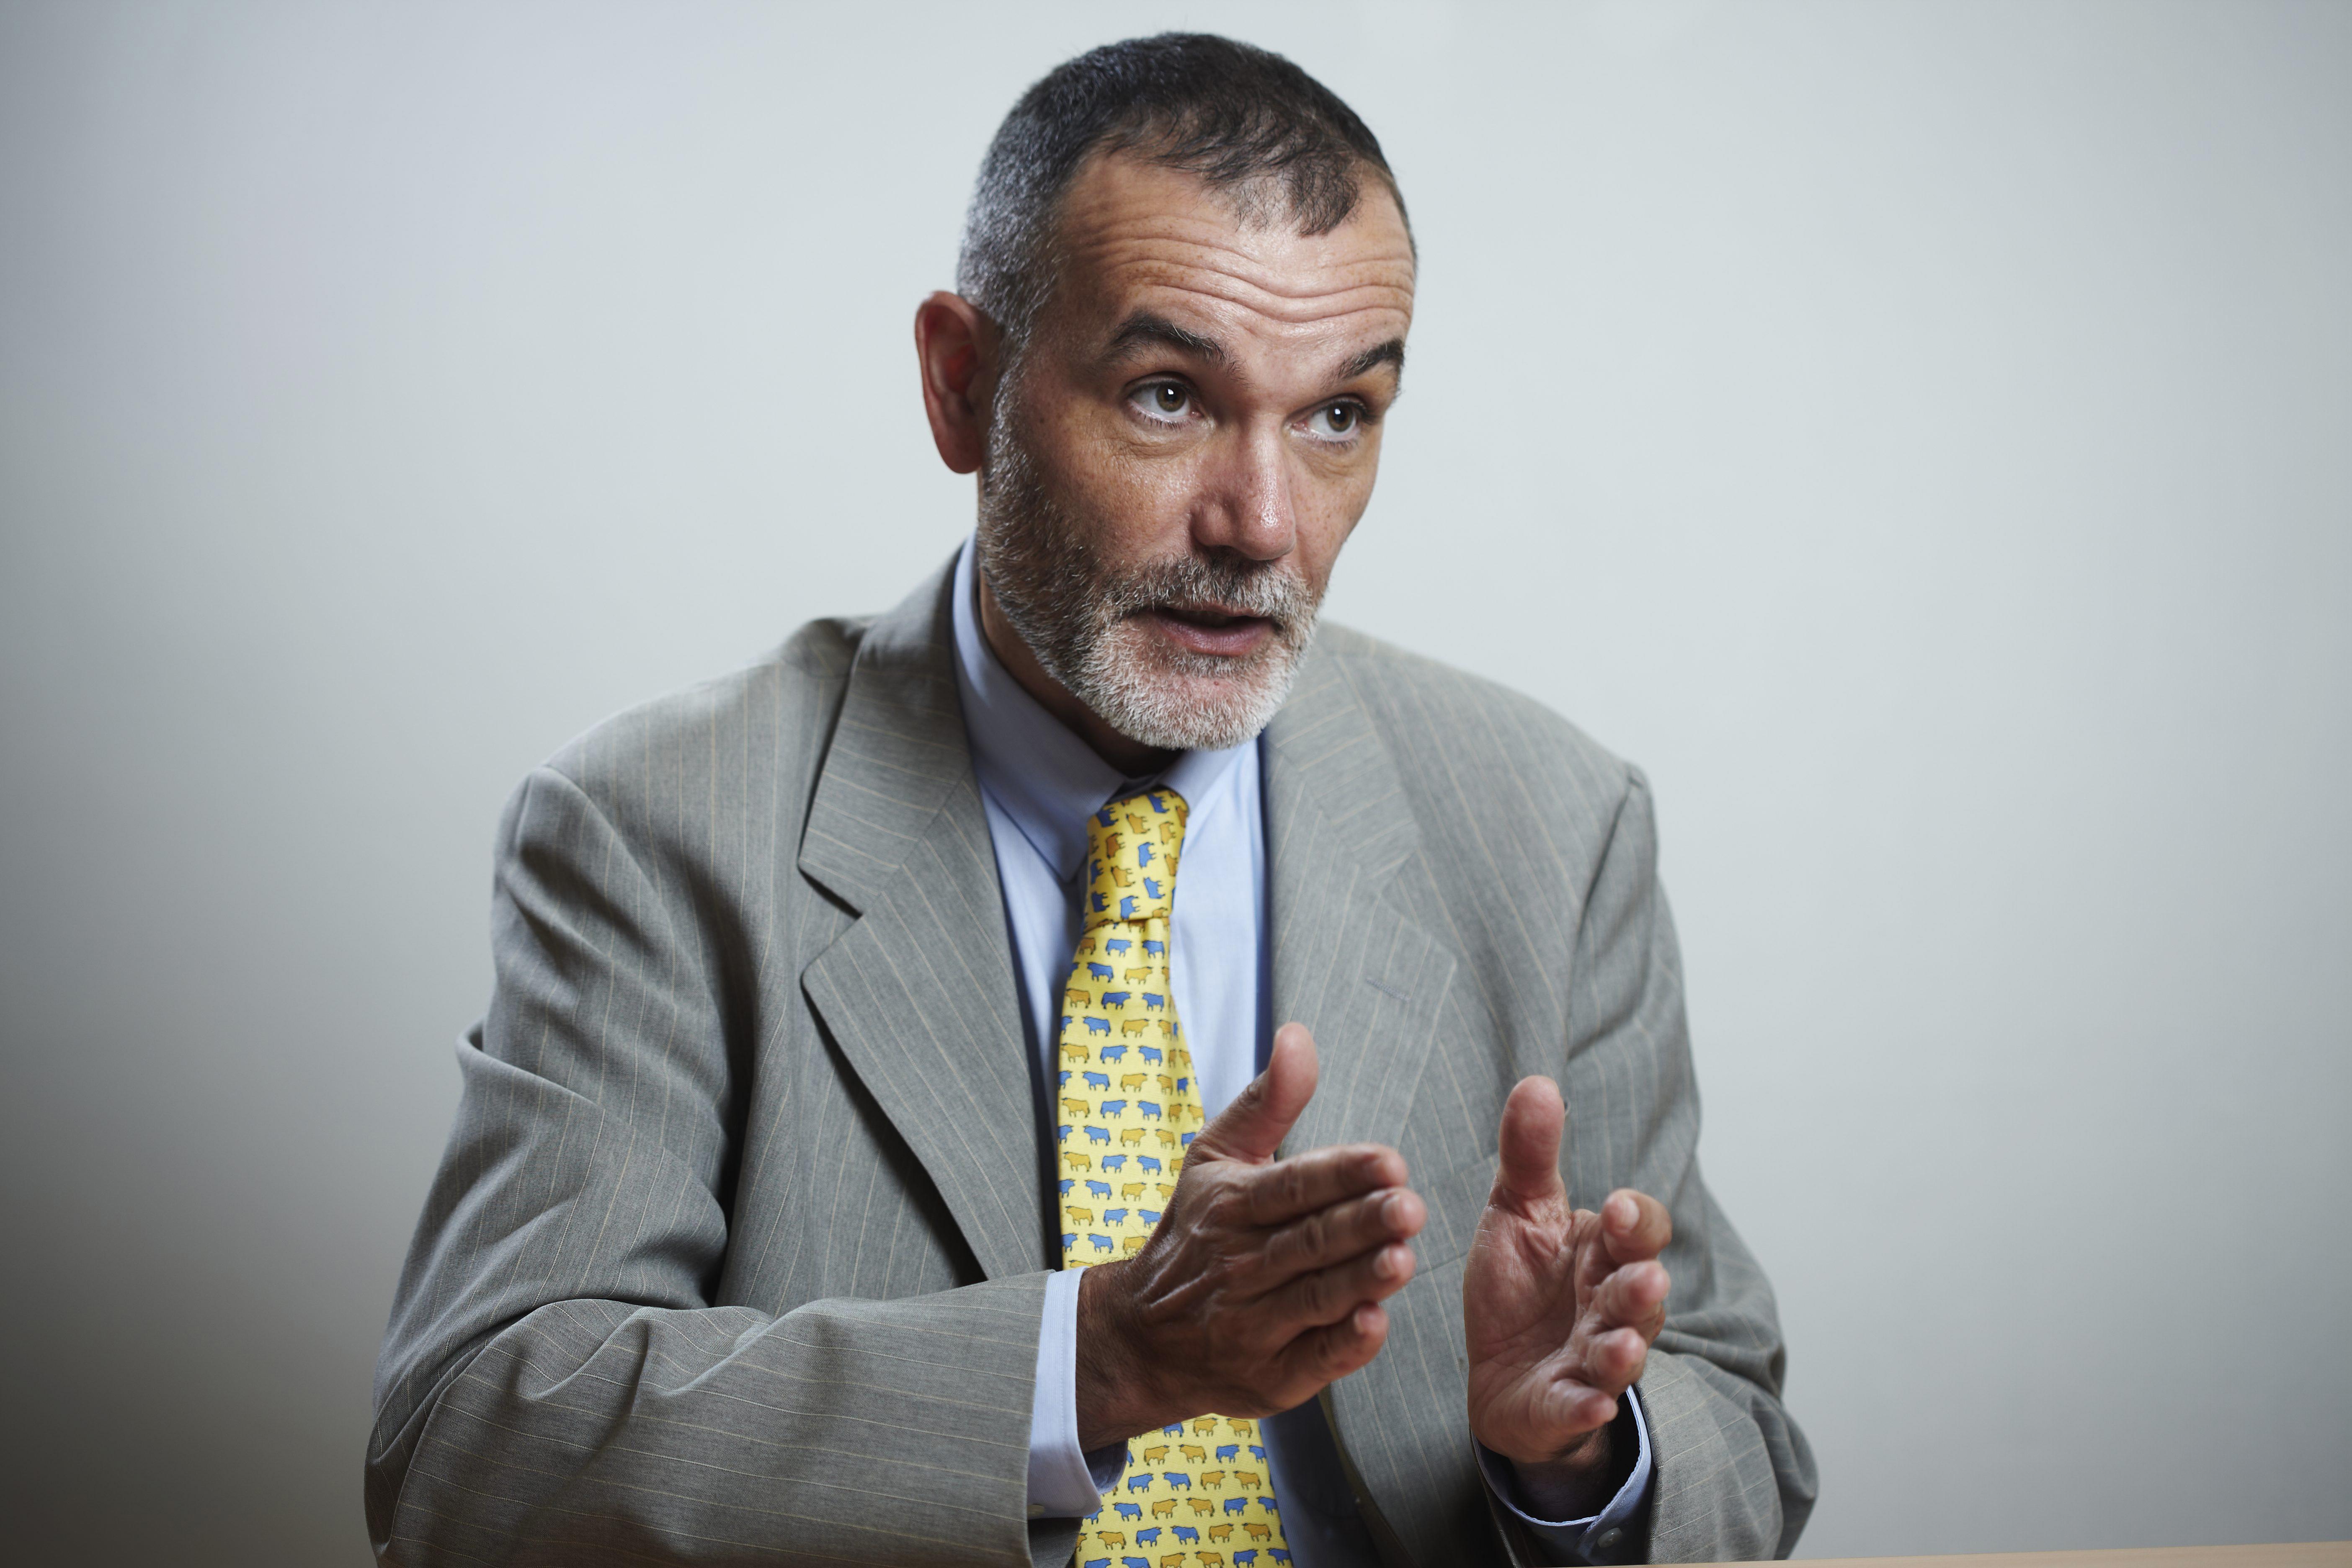 Jean-Pierre Filiu (France), historien, professeur à Sciences-Po Paris, lors d'une visite (interview) à Jeune Afrique, le 26 juillet 2010, à Paris.